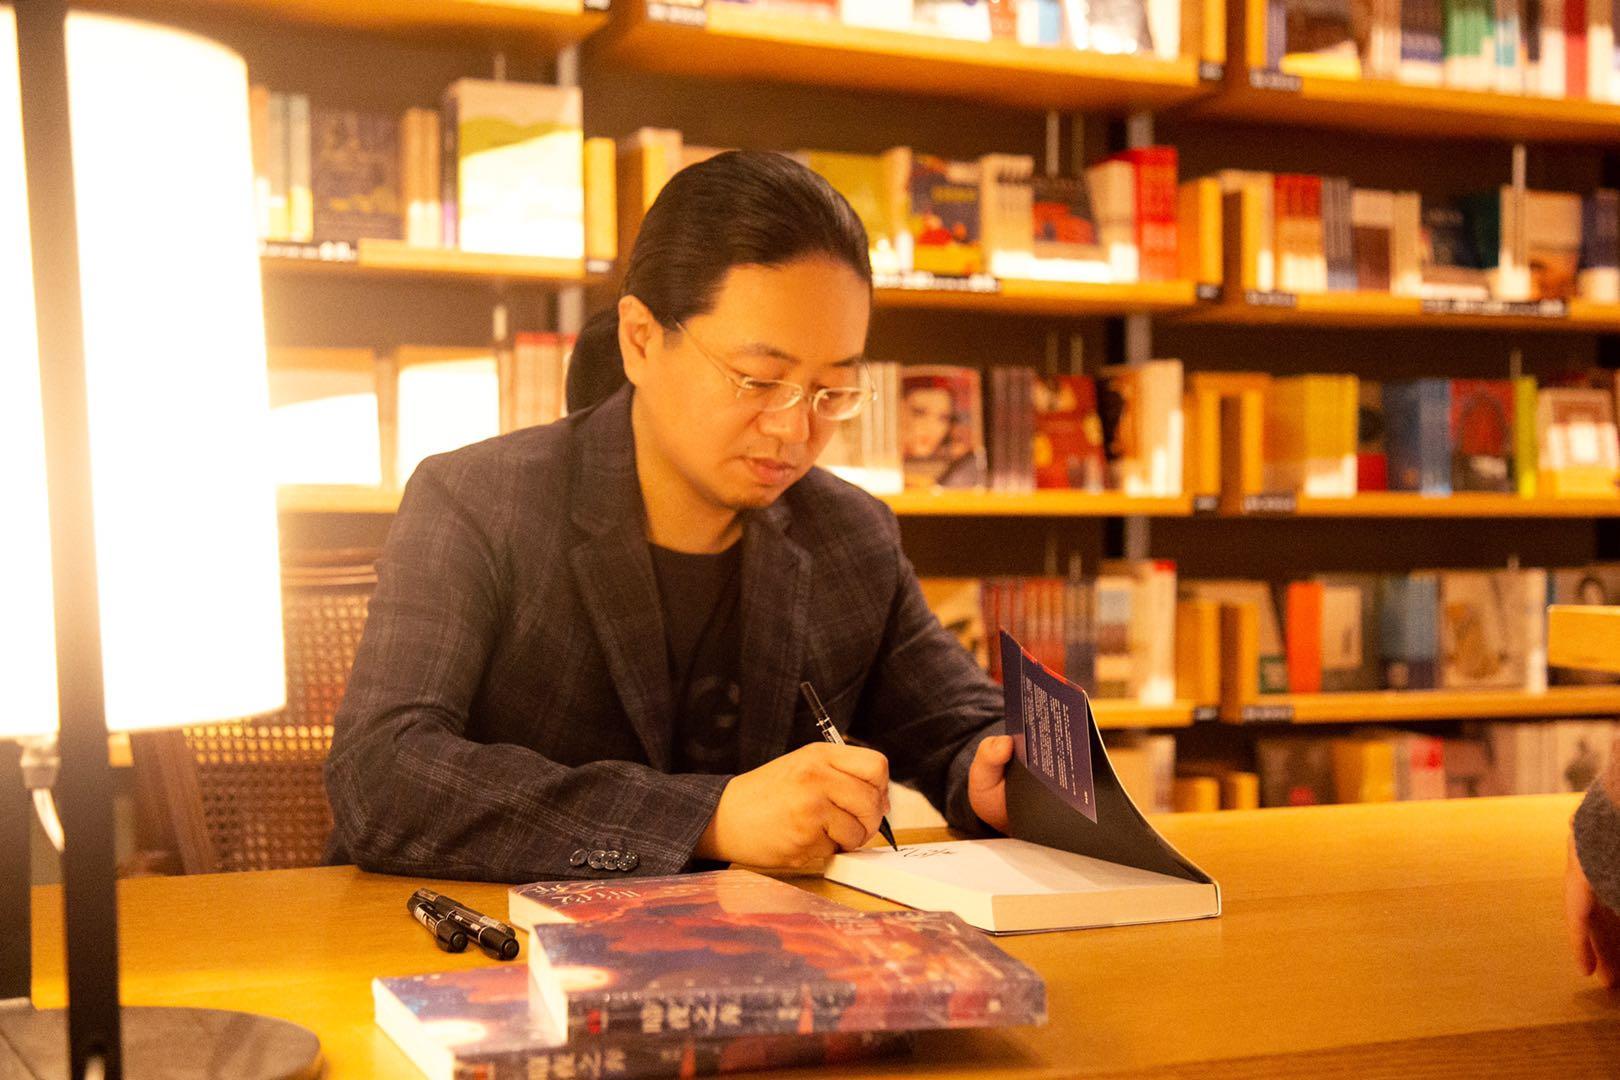 赢咖3:梁柯:类型小说的创作,是为读者定制梦境